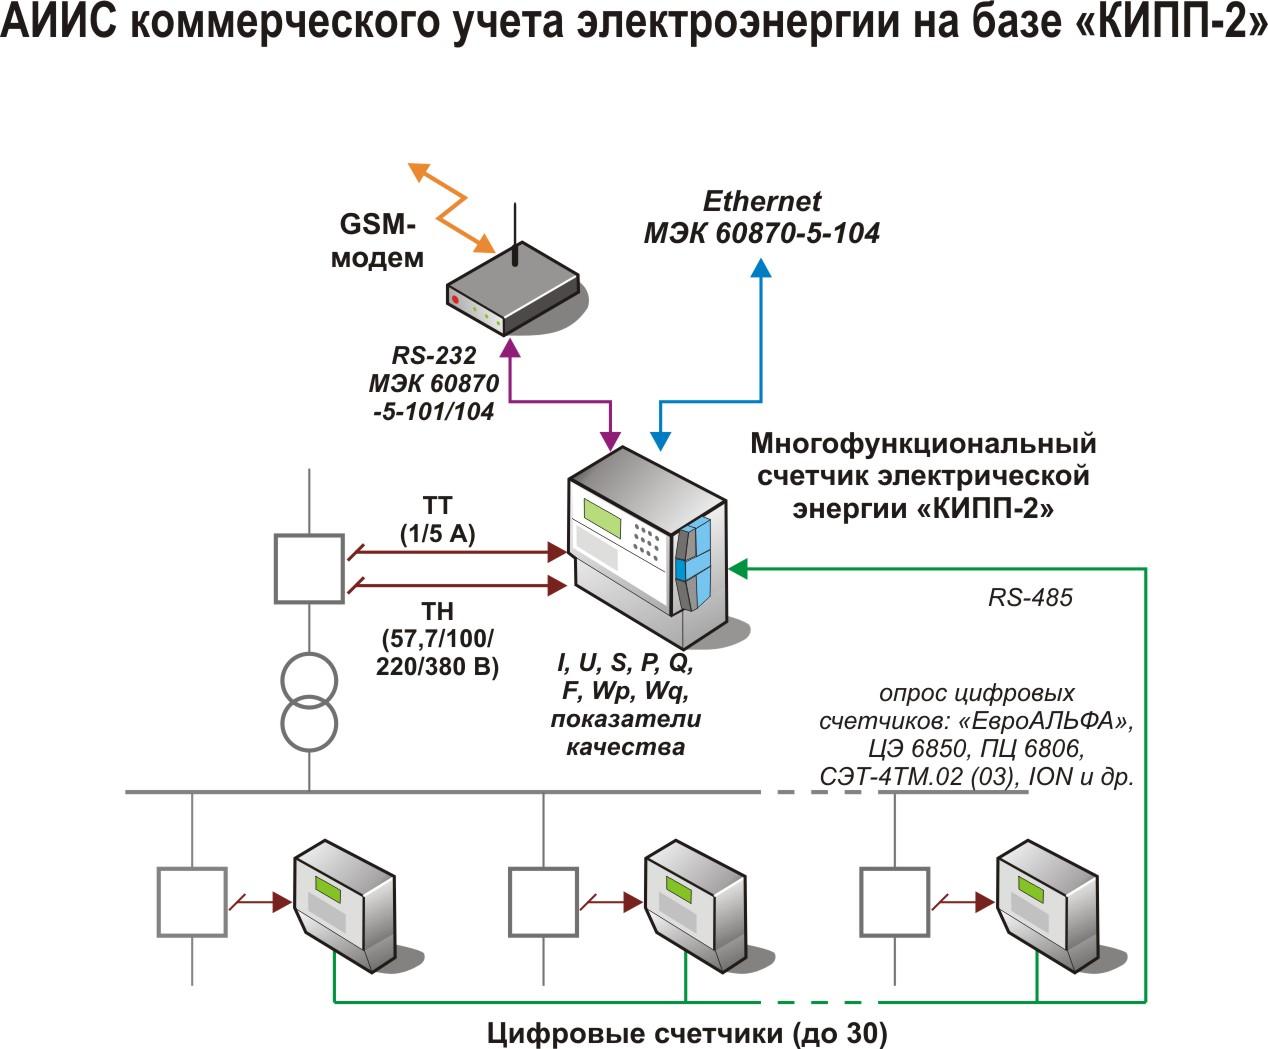 Назначение системы коммерческого учёта аскуэ и расшифровка